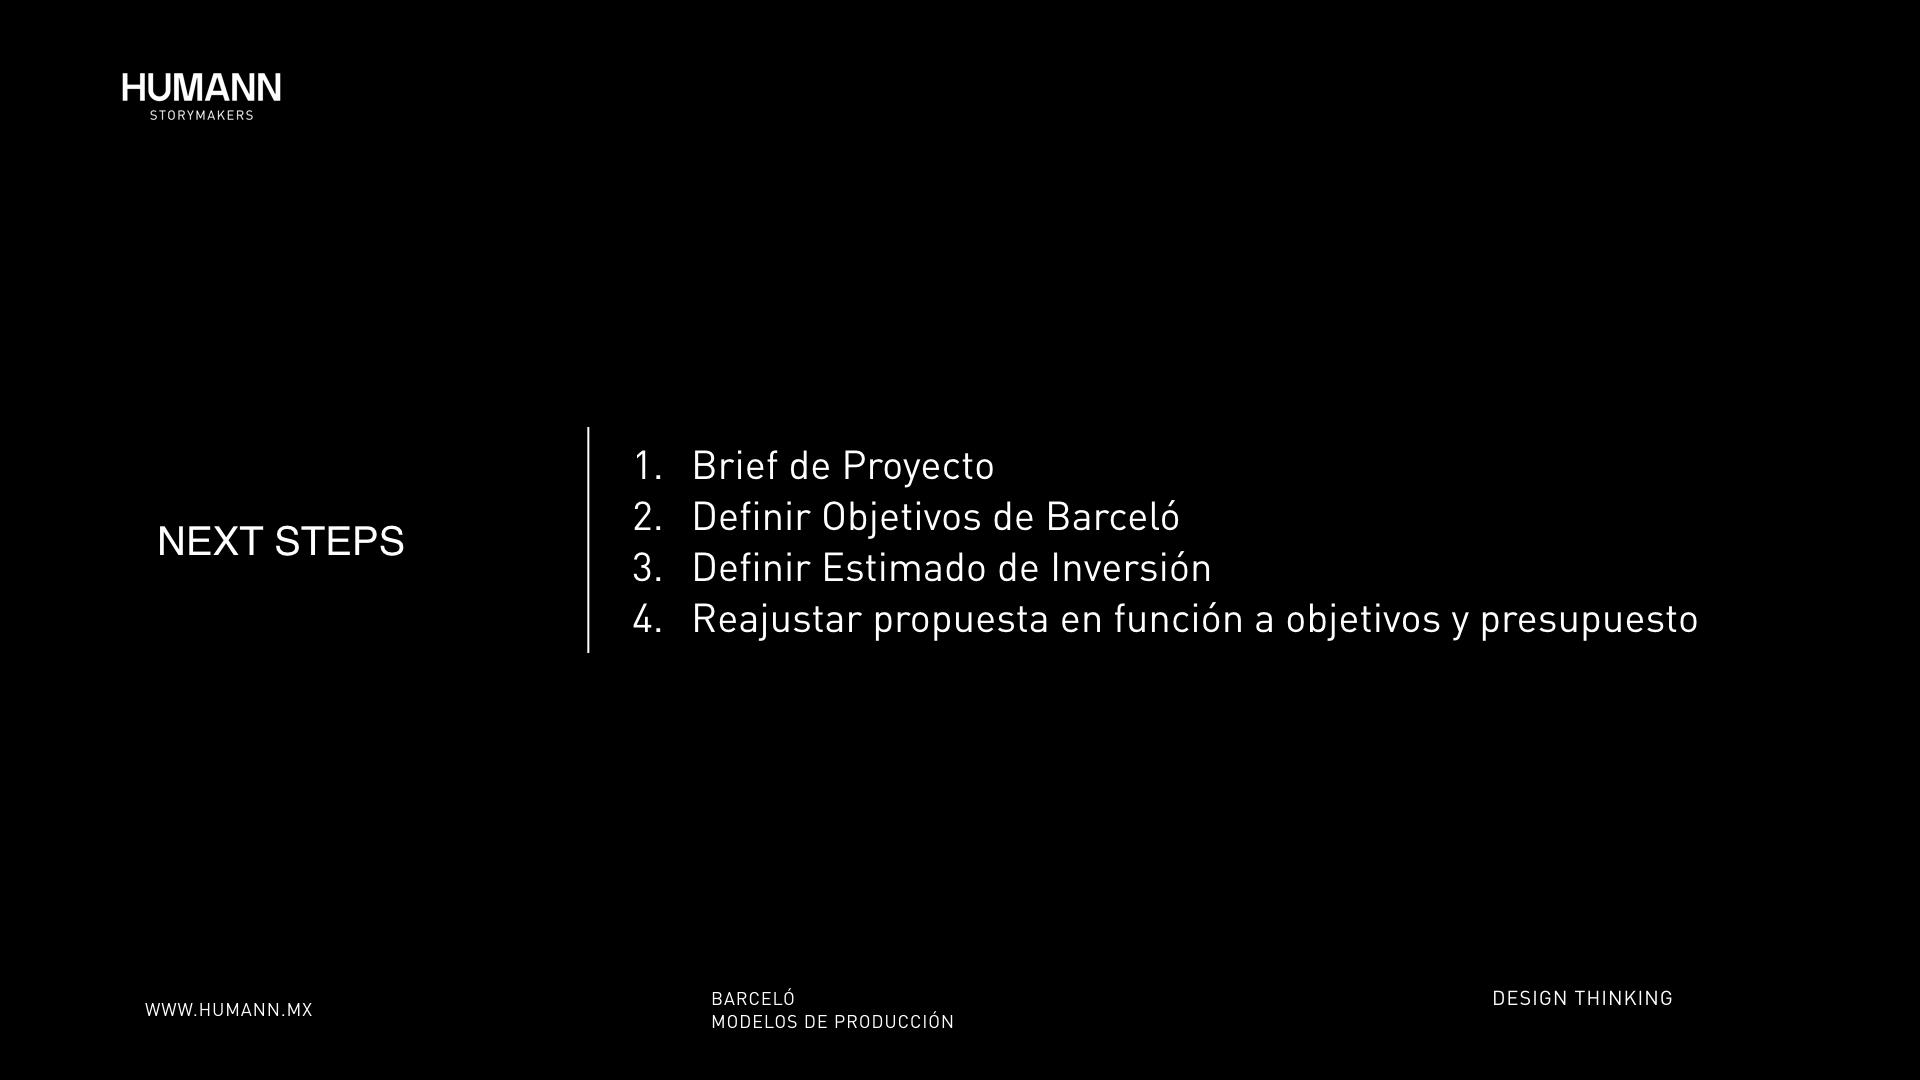 Barceló - Humann Modelos de Producción.021.jpeg